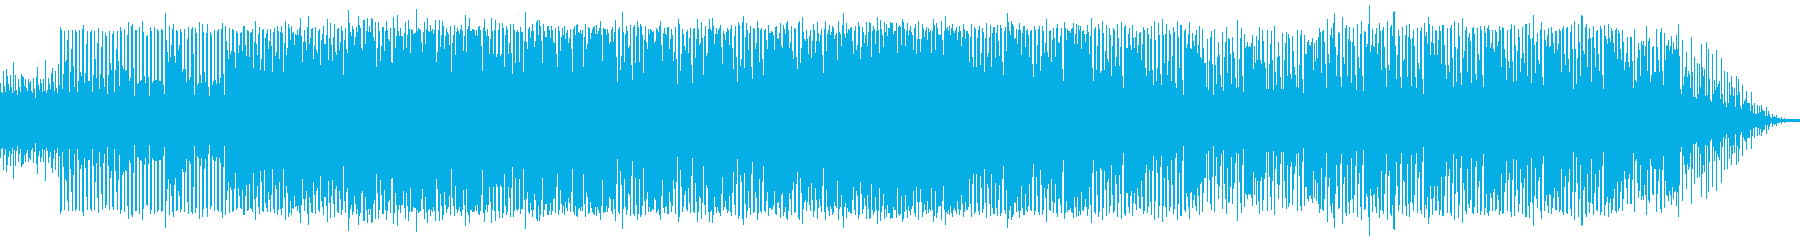 ヘビーでスペイシーなダンステクノの再生済みの波形